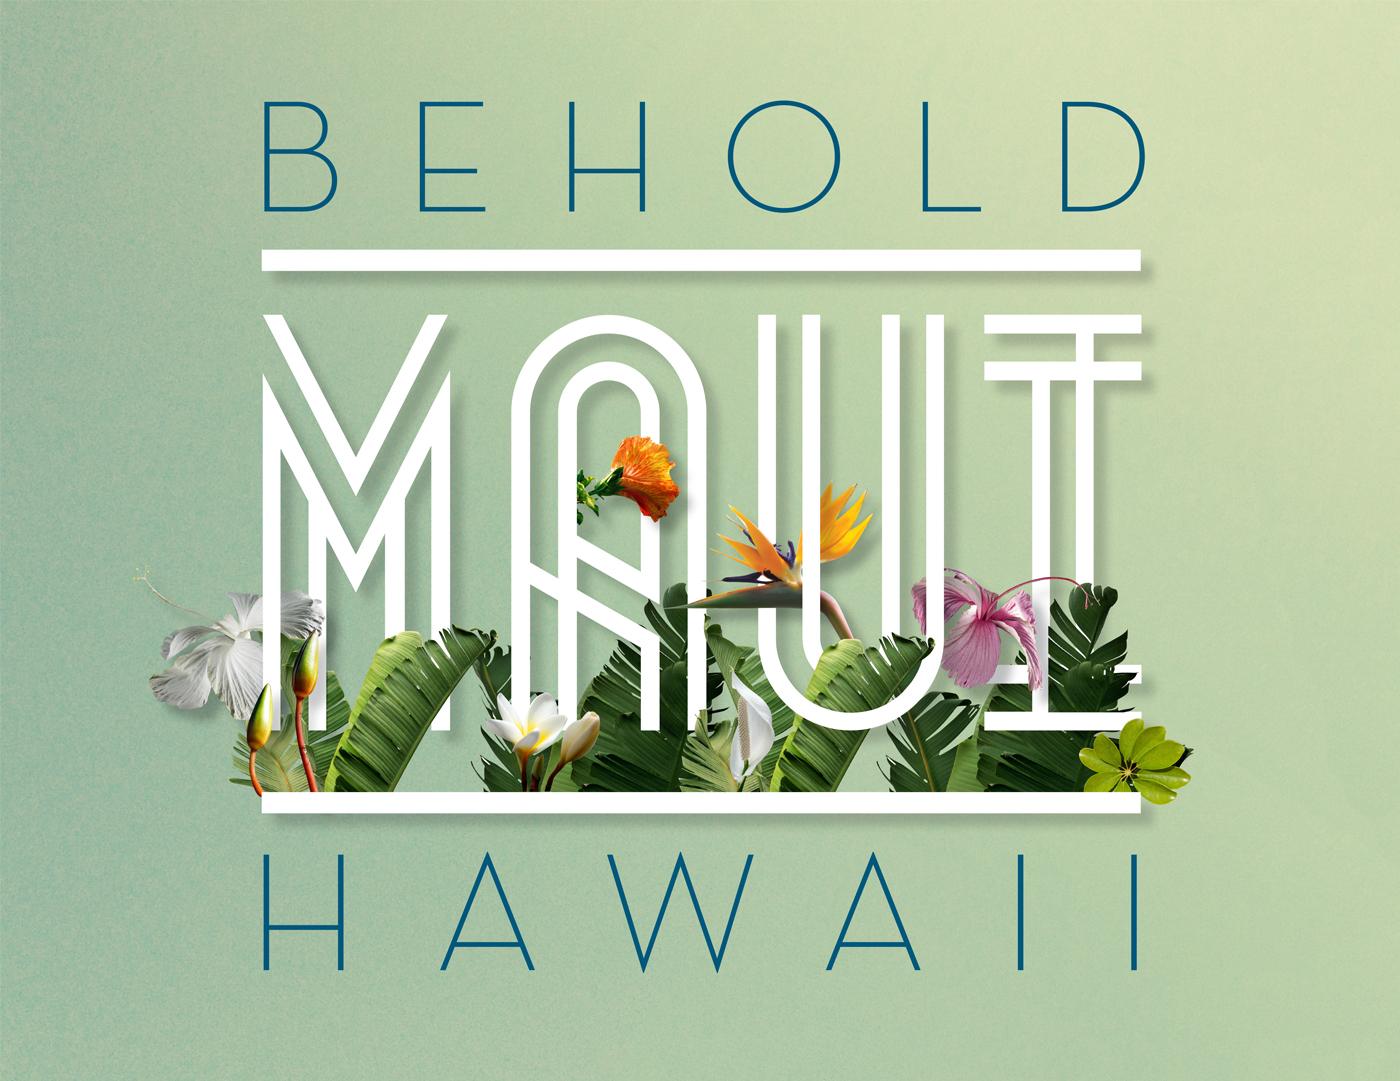 Hawaii: A sensory experience on Behance